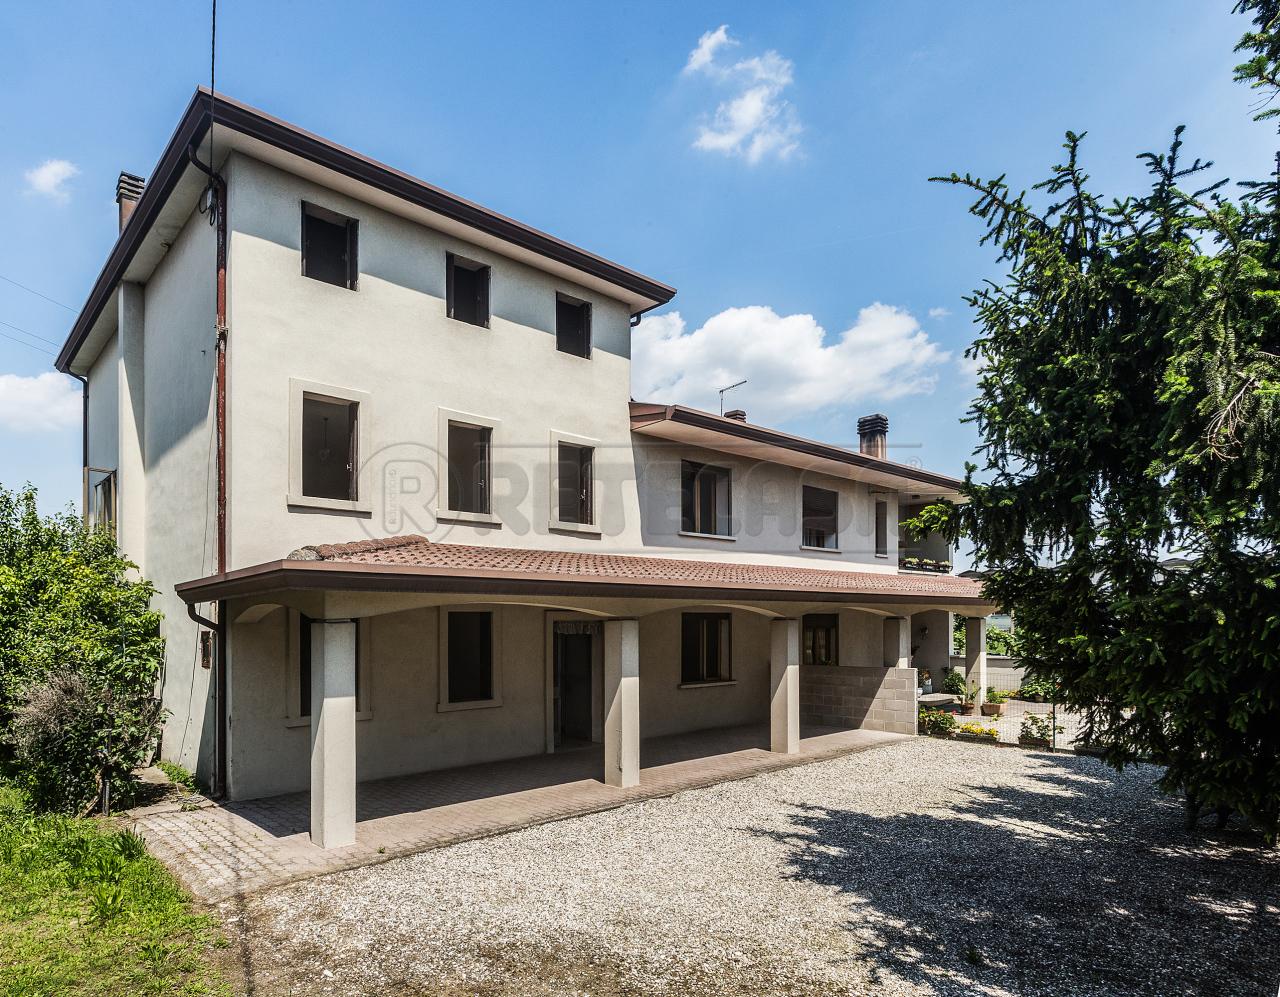 Soluzione Indipendente in vendita a Carmignano di Brenta, 9999 locali, prezzo € 103.000 | Cambio Casa.it